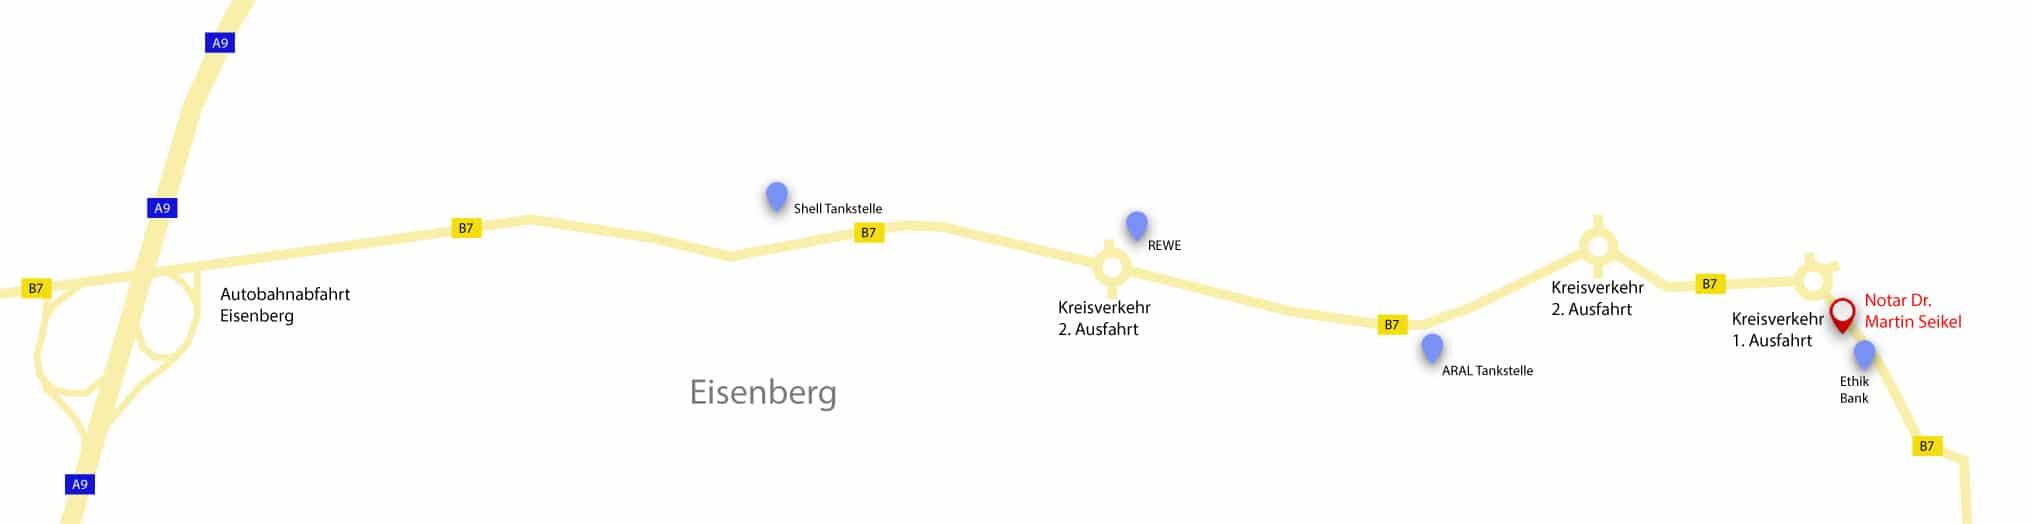 Anfahrt Notar Dr. Martin Seikel aus Jena, Gera und Umgebung